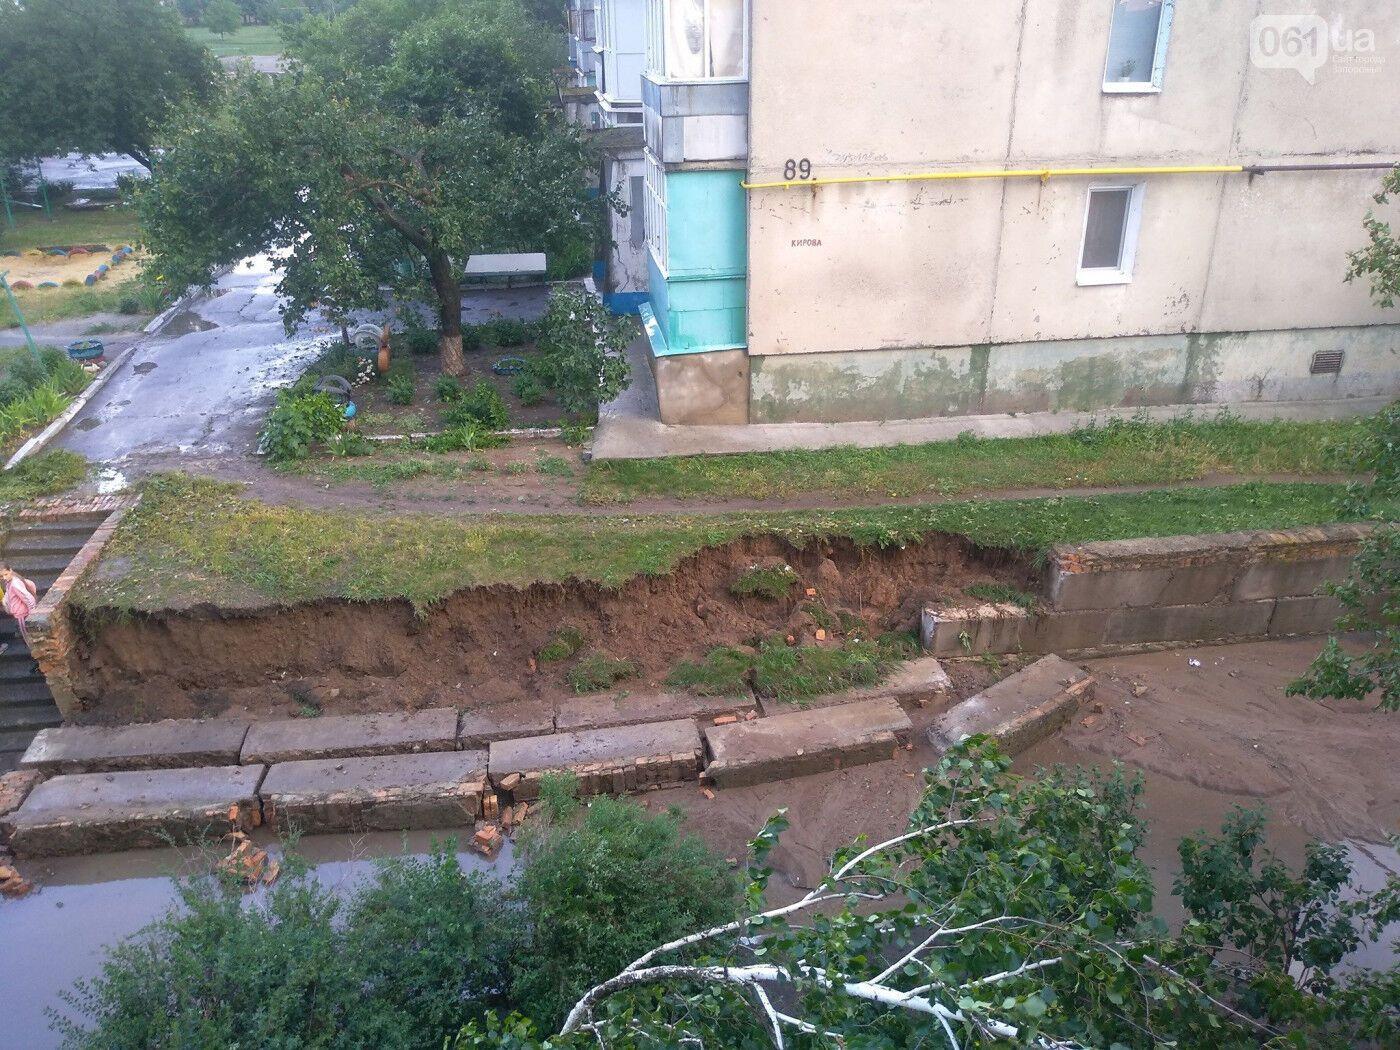 Из-за размывания упали бетонные блоки, сдерживавшие земляной вал